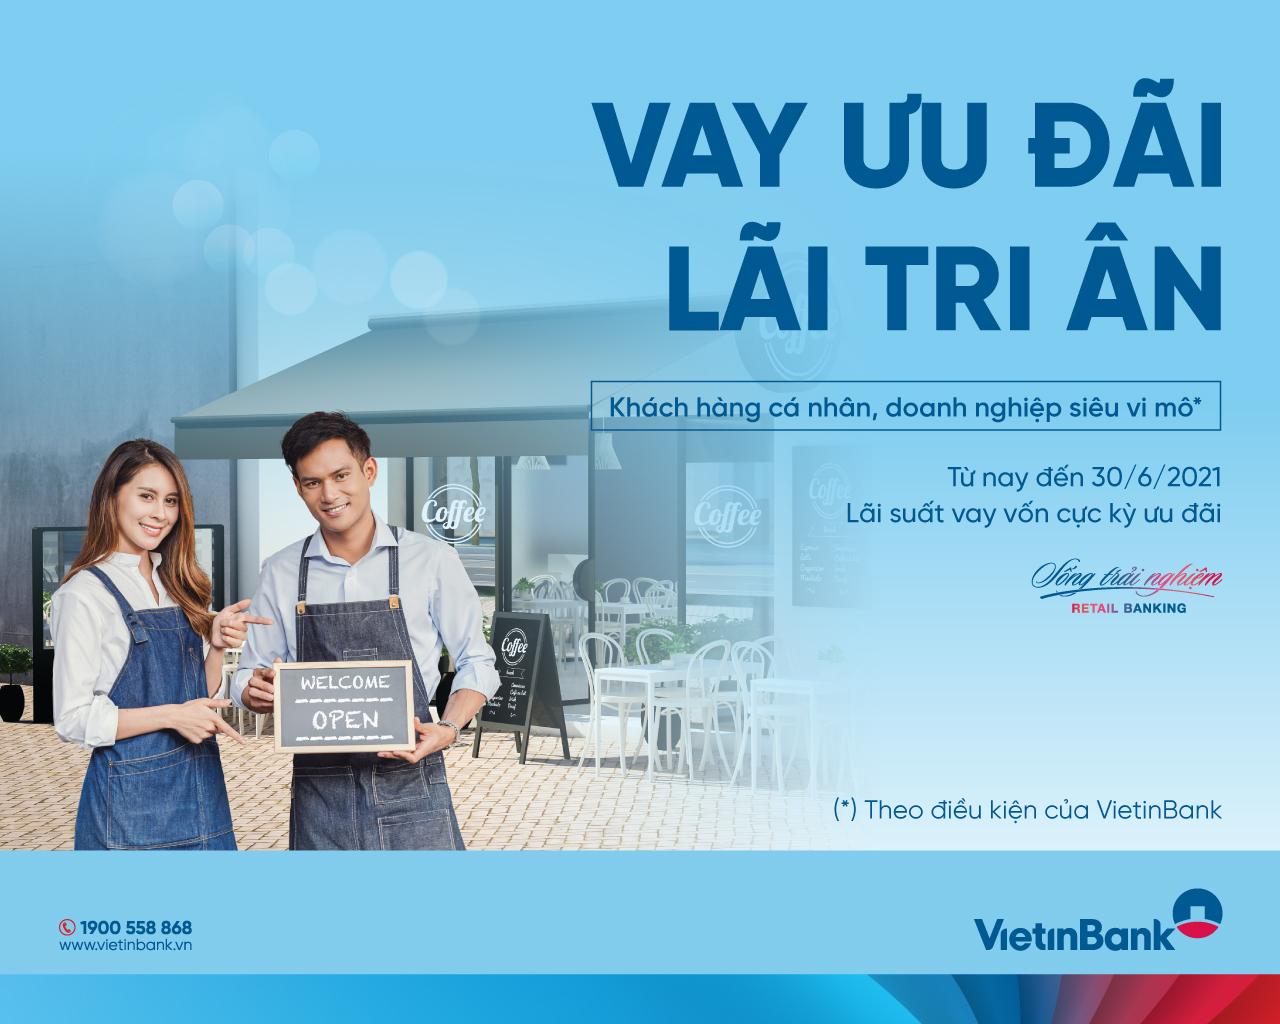 """VietinBank gia hạn kéo dài chương trình """"Vay ưu đãi, lãi tri ân"""""""